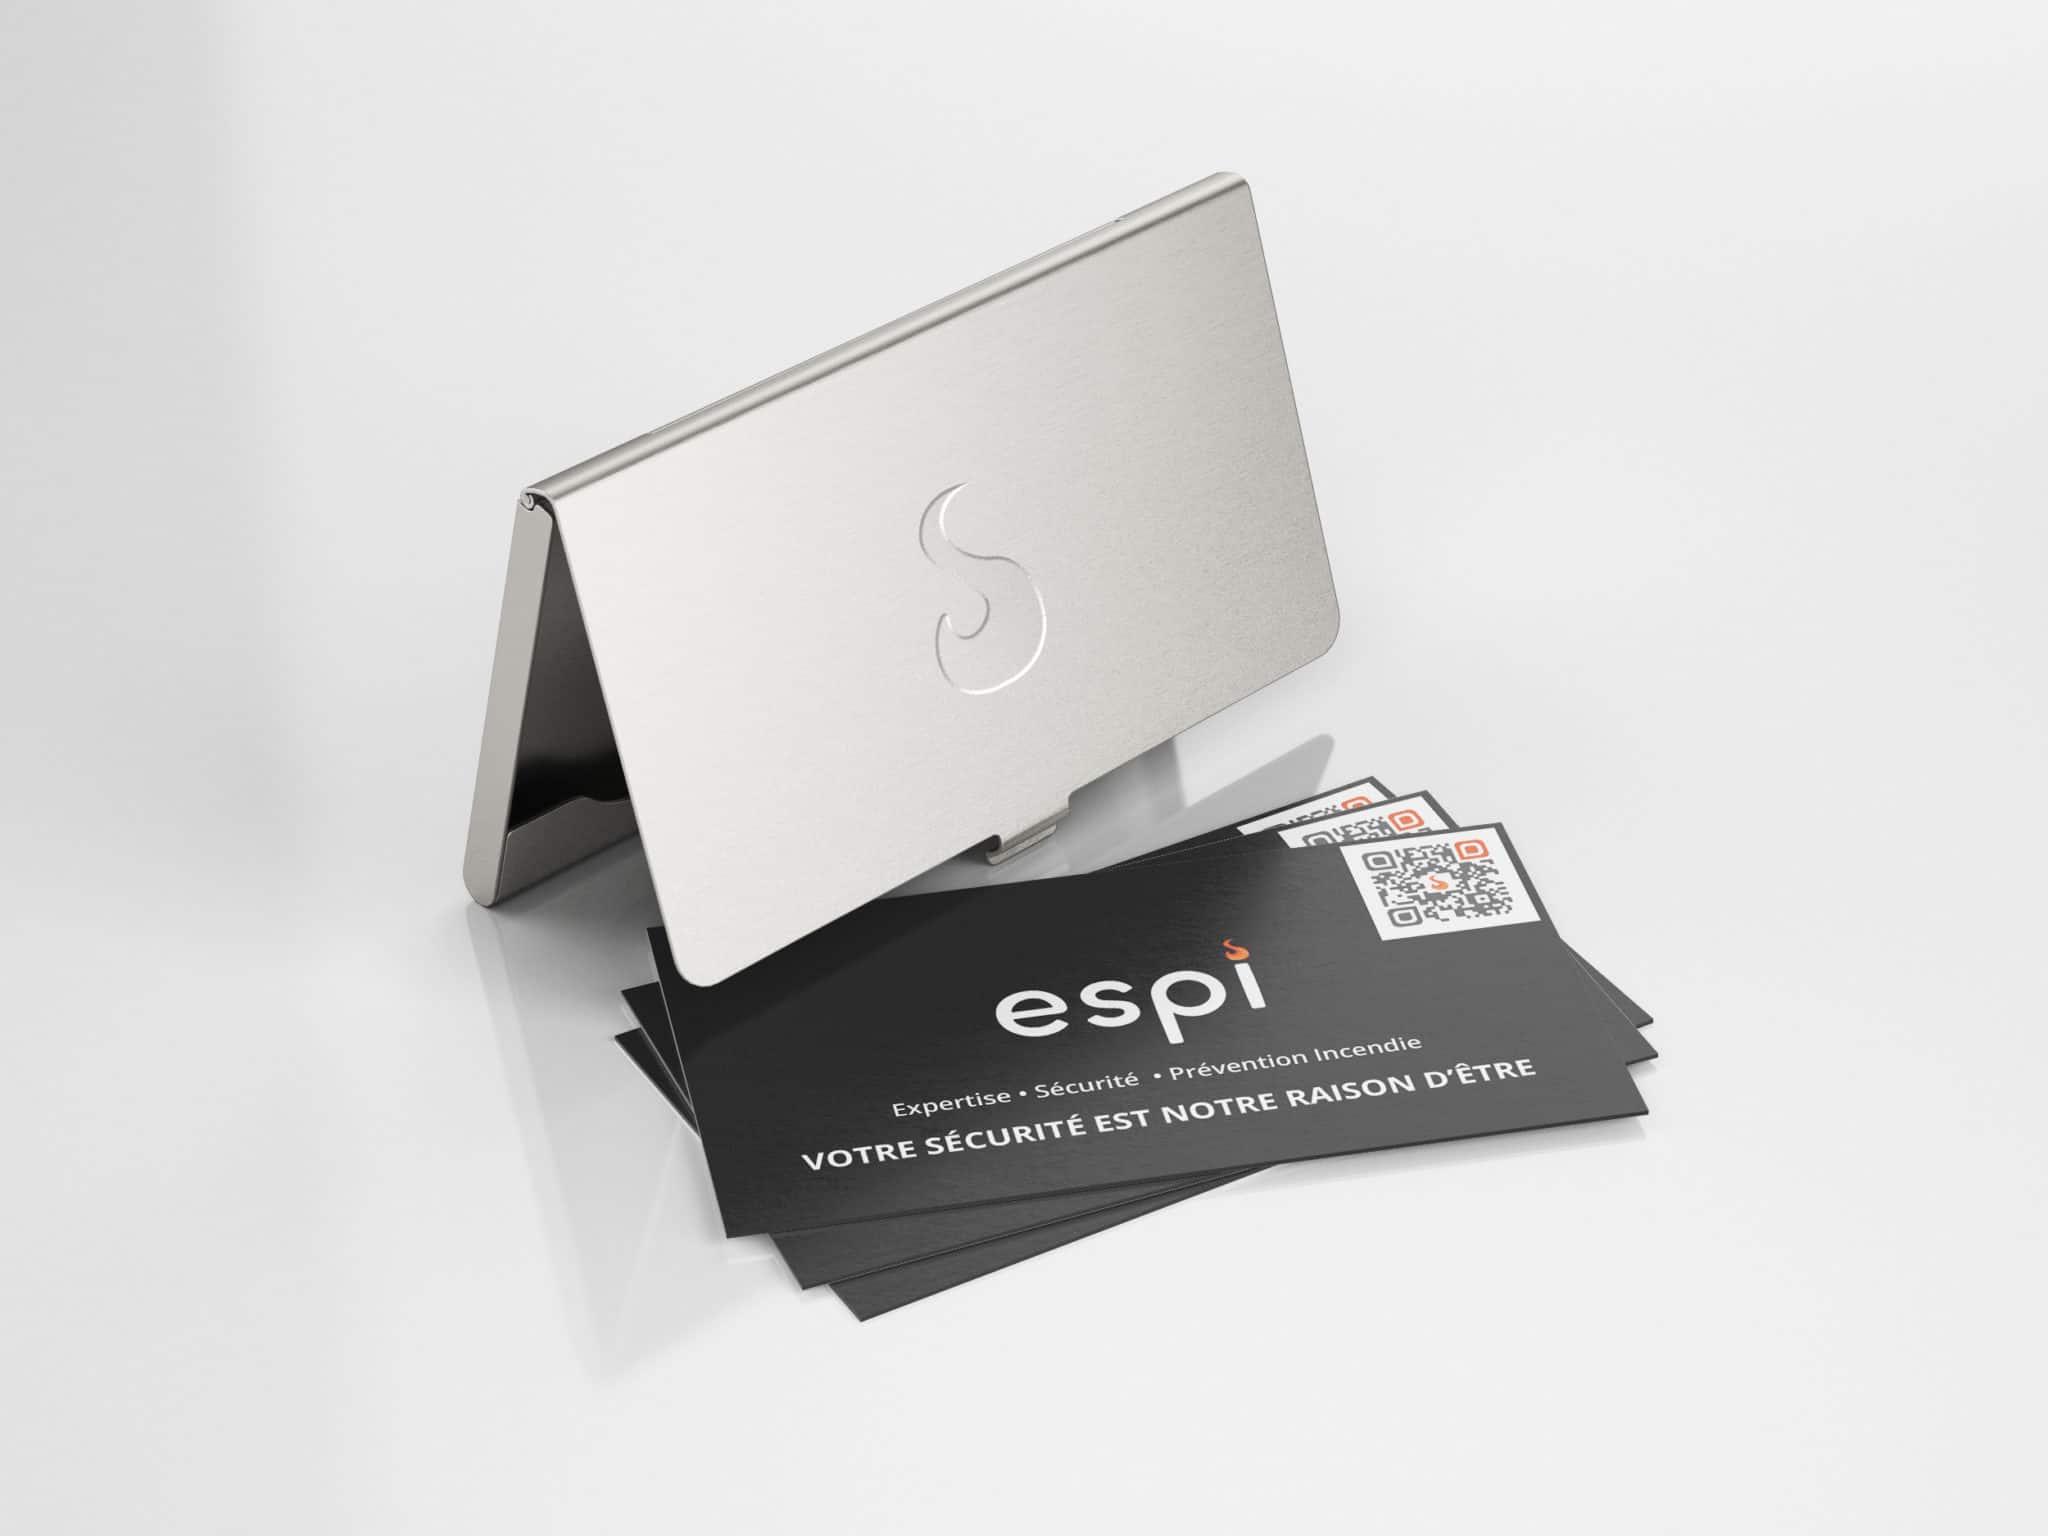 image de mise en situation des carte de visite avec un porte carte